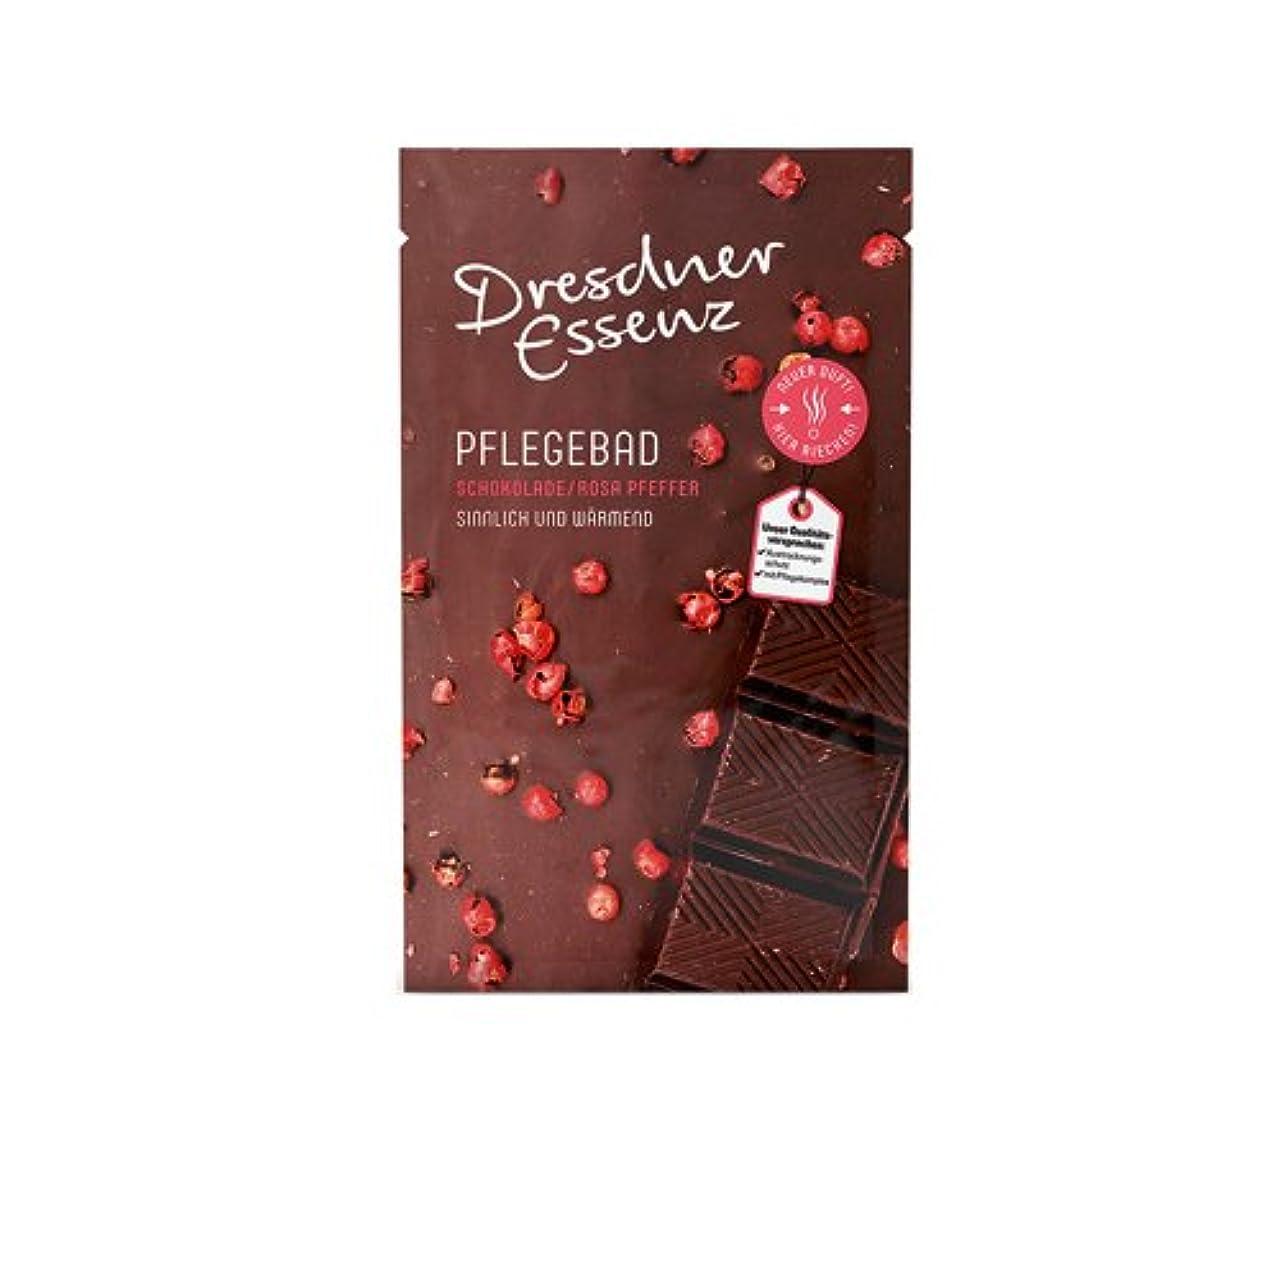 発揮する特権的共和国ドレスナーエッセンス バスエッセンス チョコレートピンクペッパー《正規輸入品》